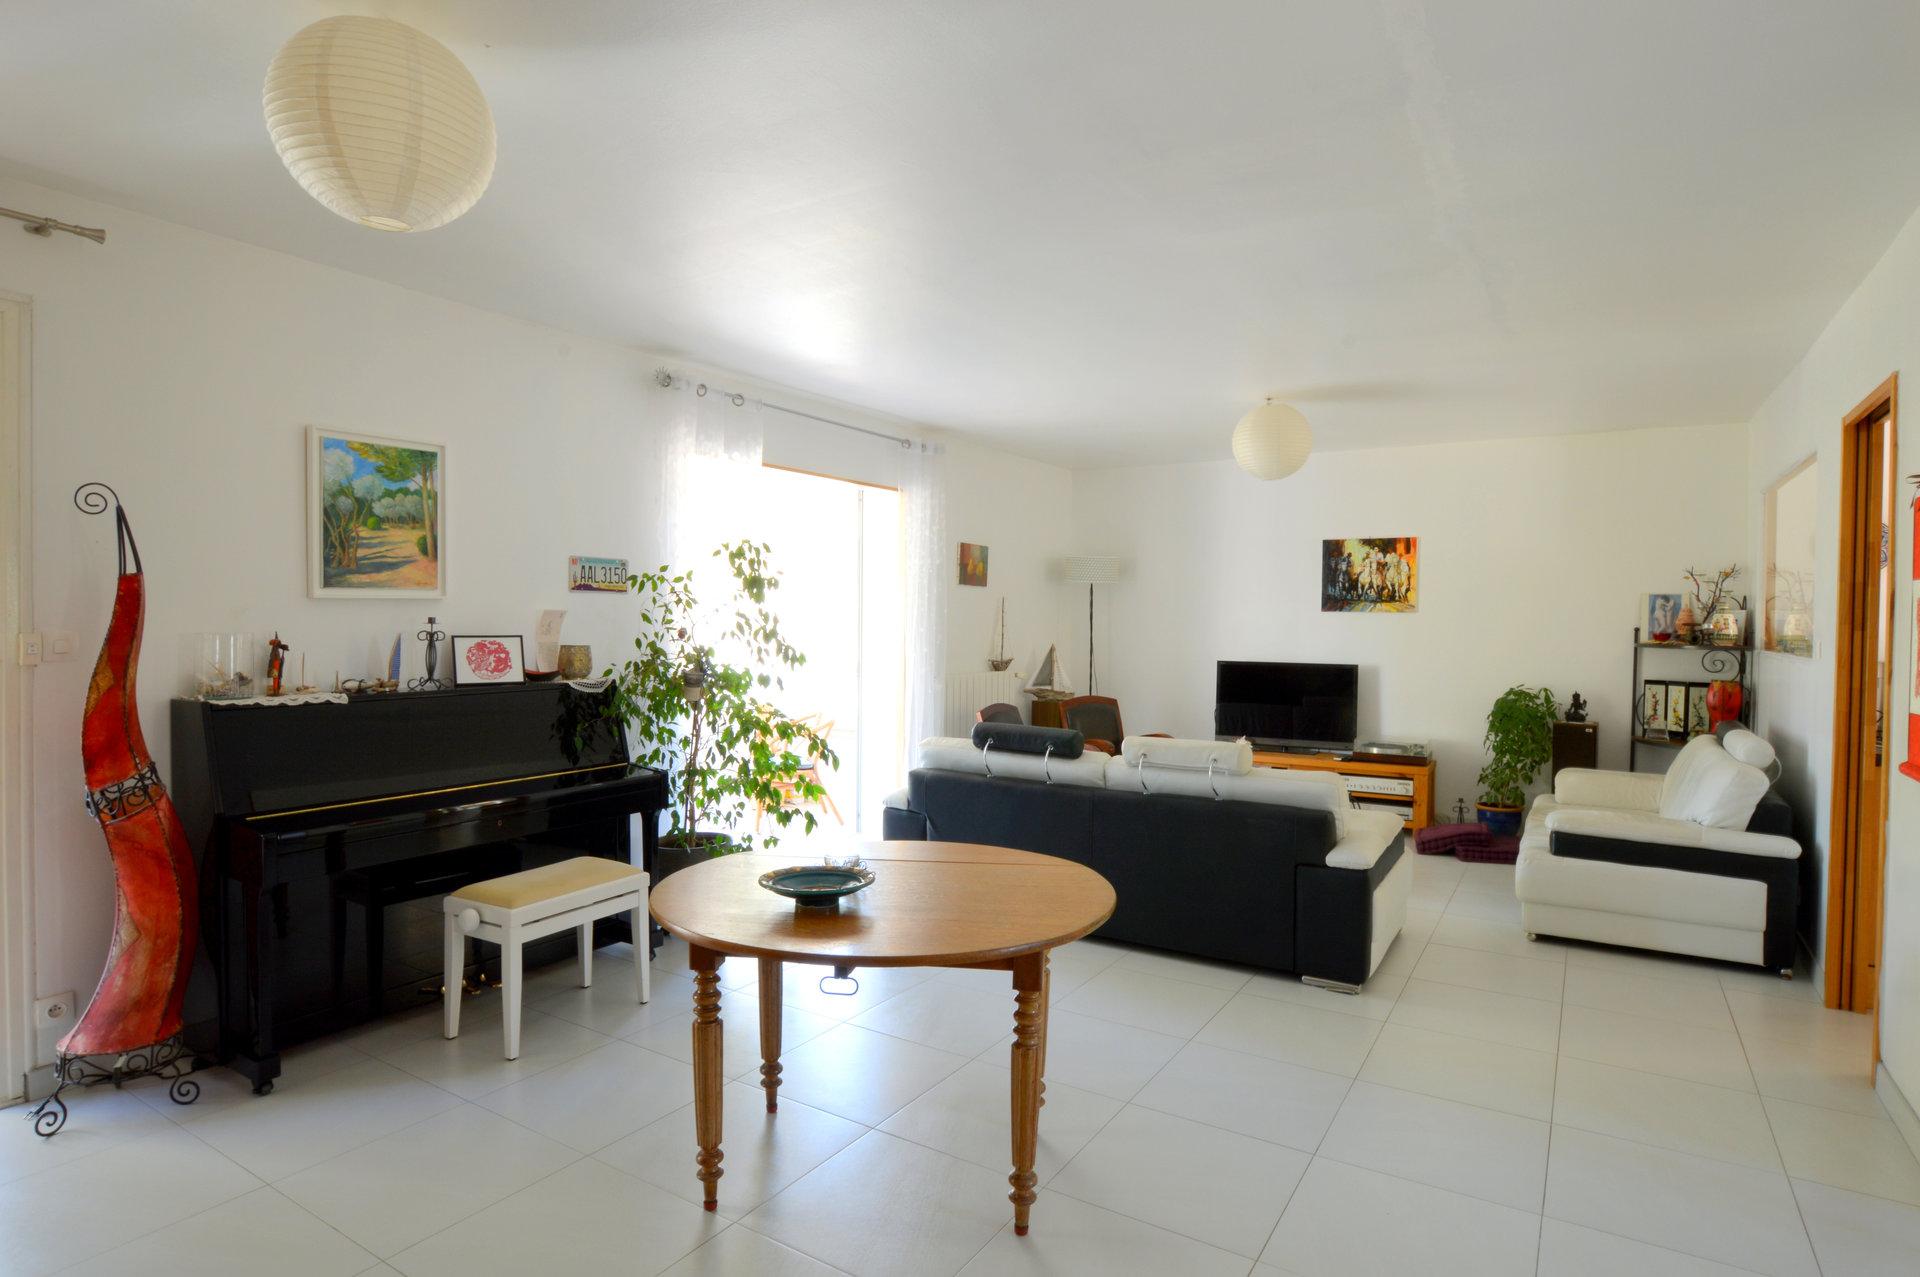 Maison 5 Pièces 34830 Jacou 155 M²